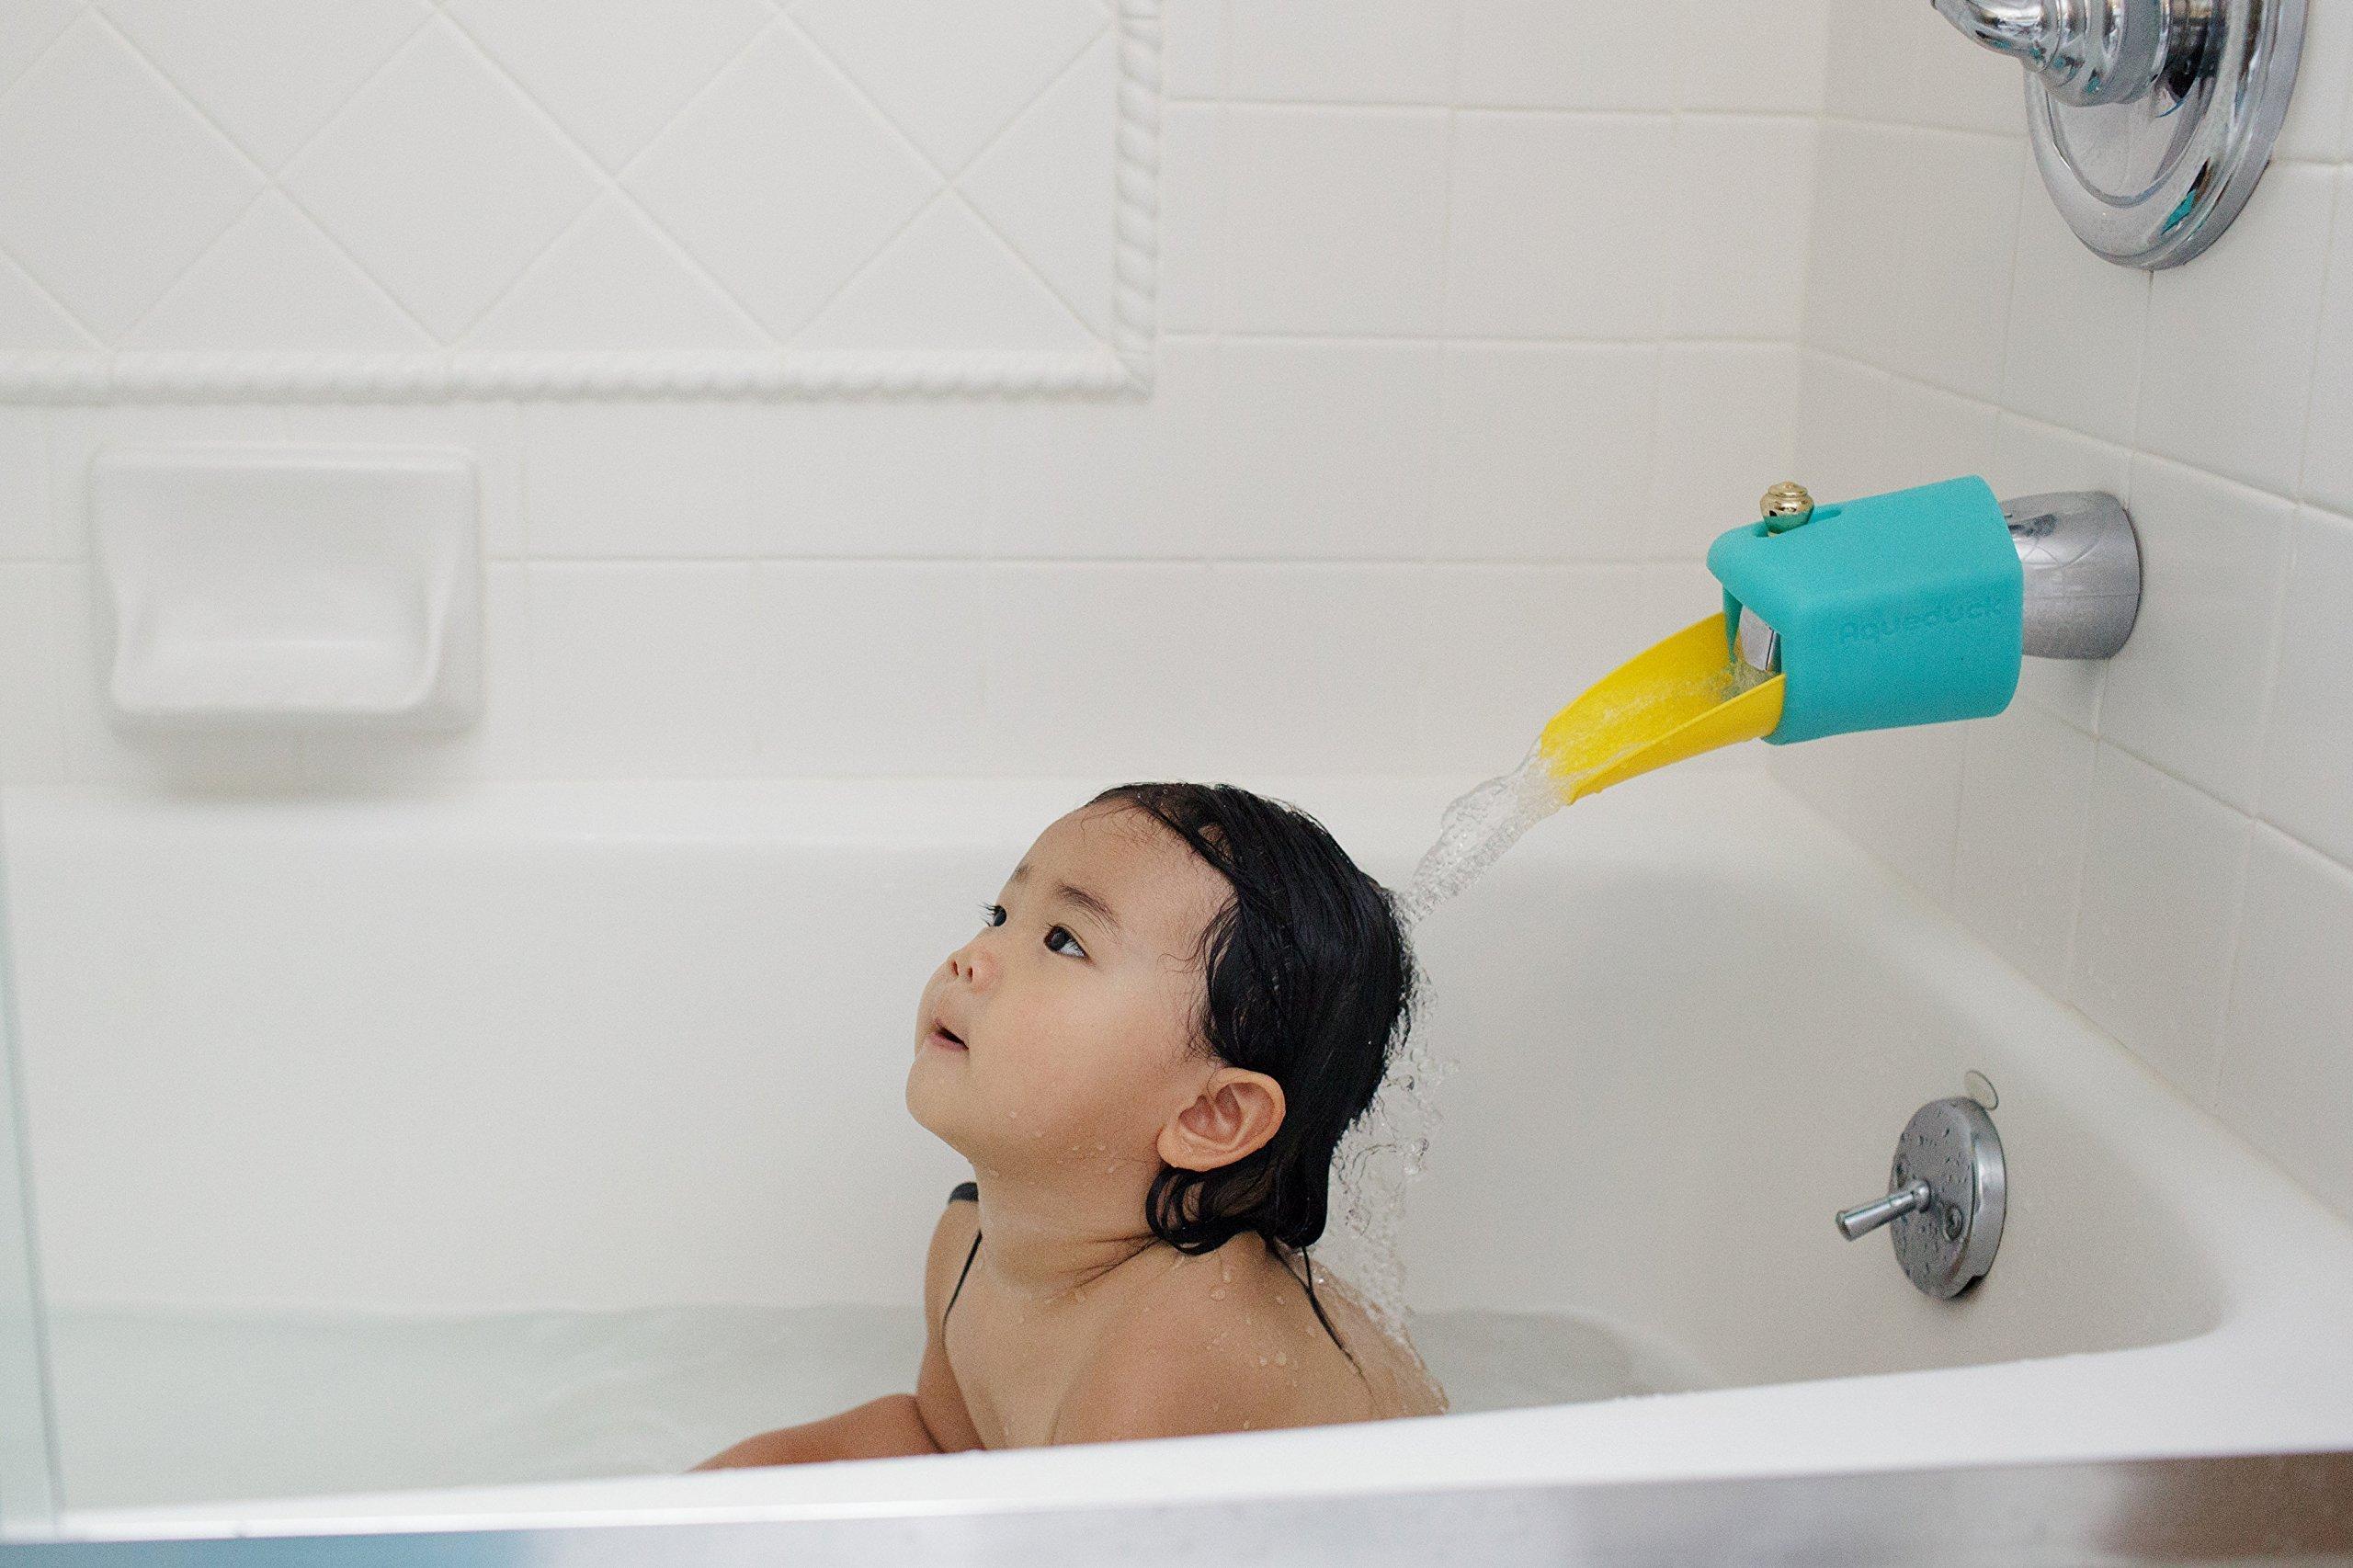 Aqueduck Bath Spout Extender Plus Cover by Aqueduck (Image #2)